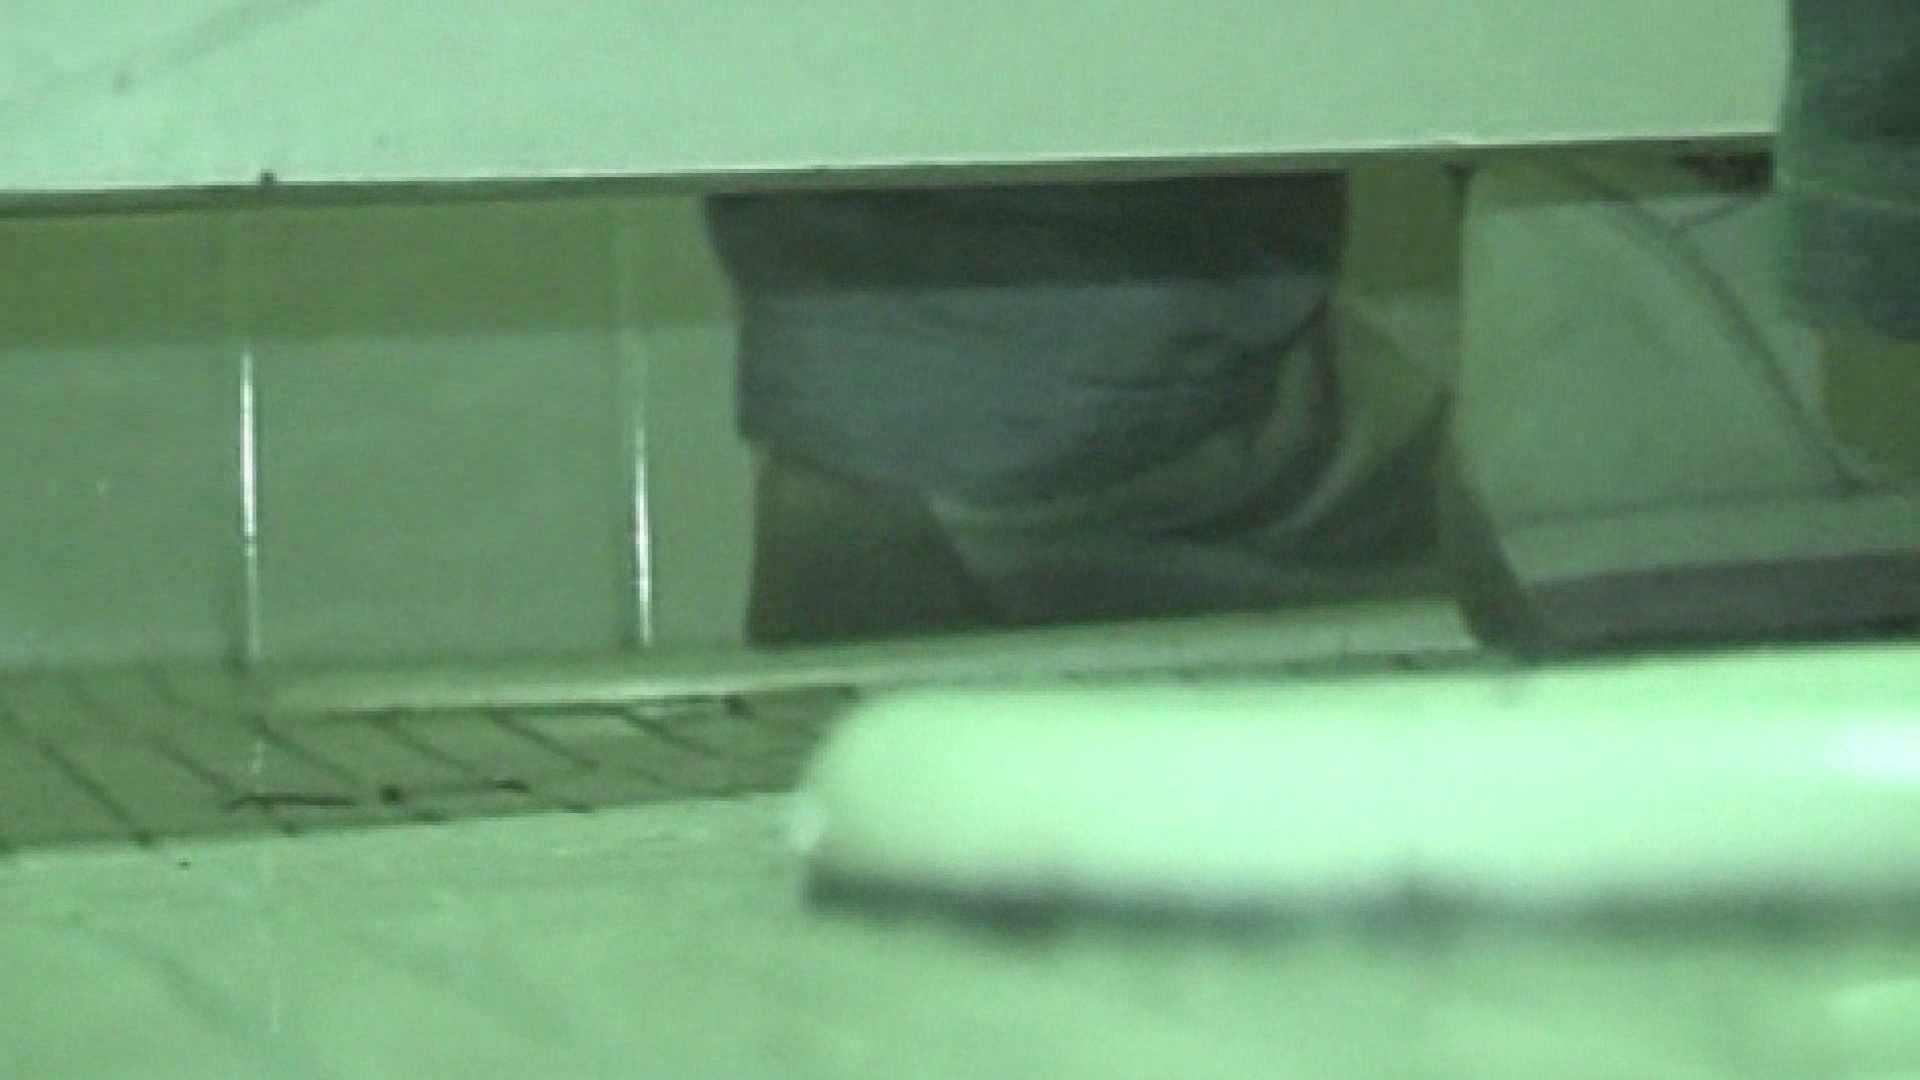 ロックハンドさんの盗撮記録File.66 マンコエロすぎ 盗撮動画紹介 75PIX 35